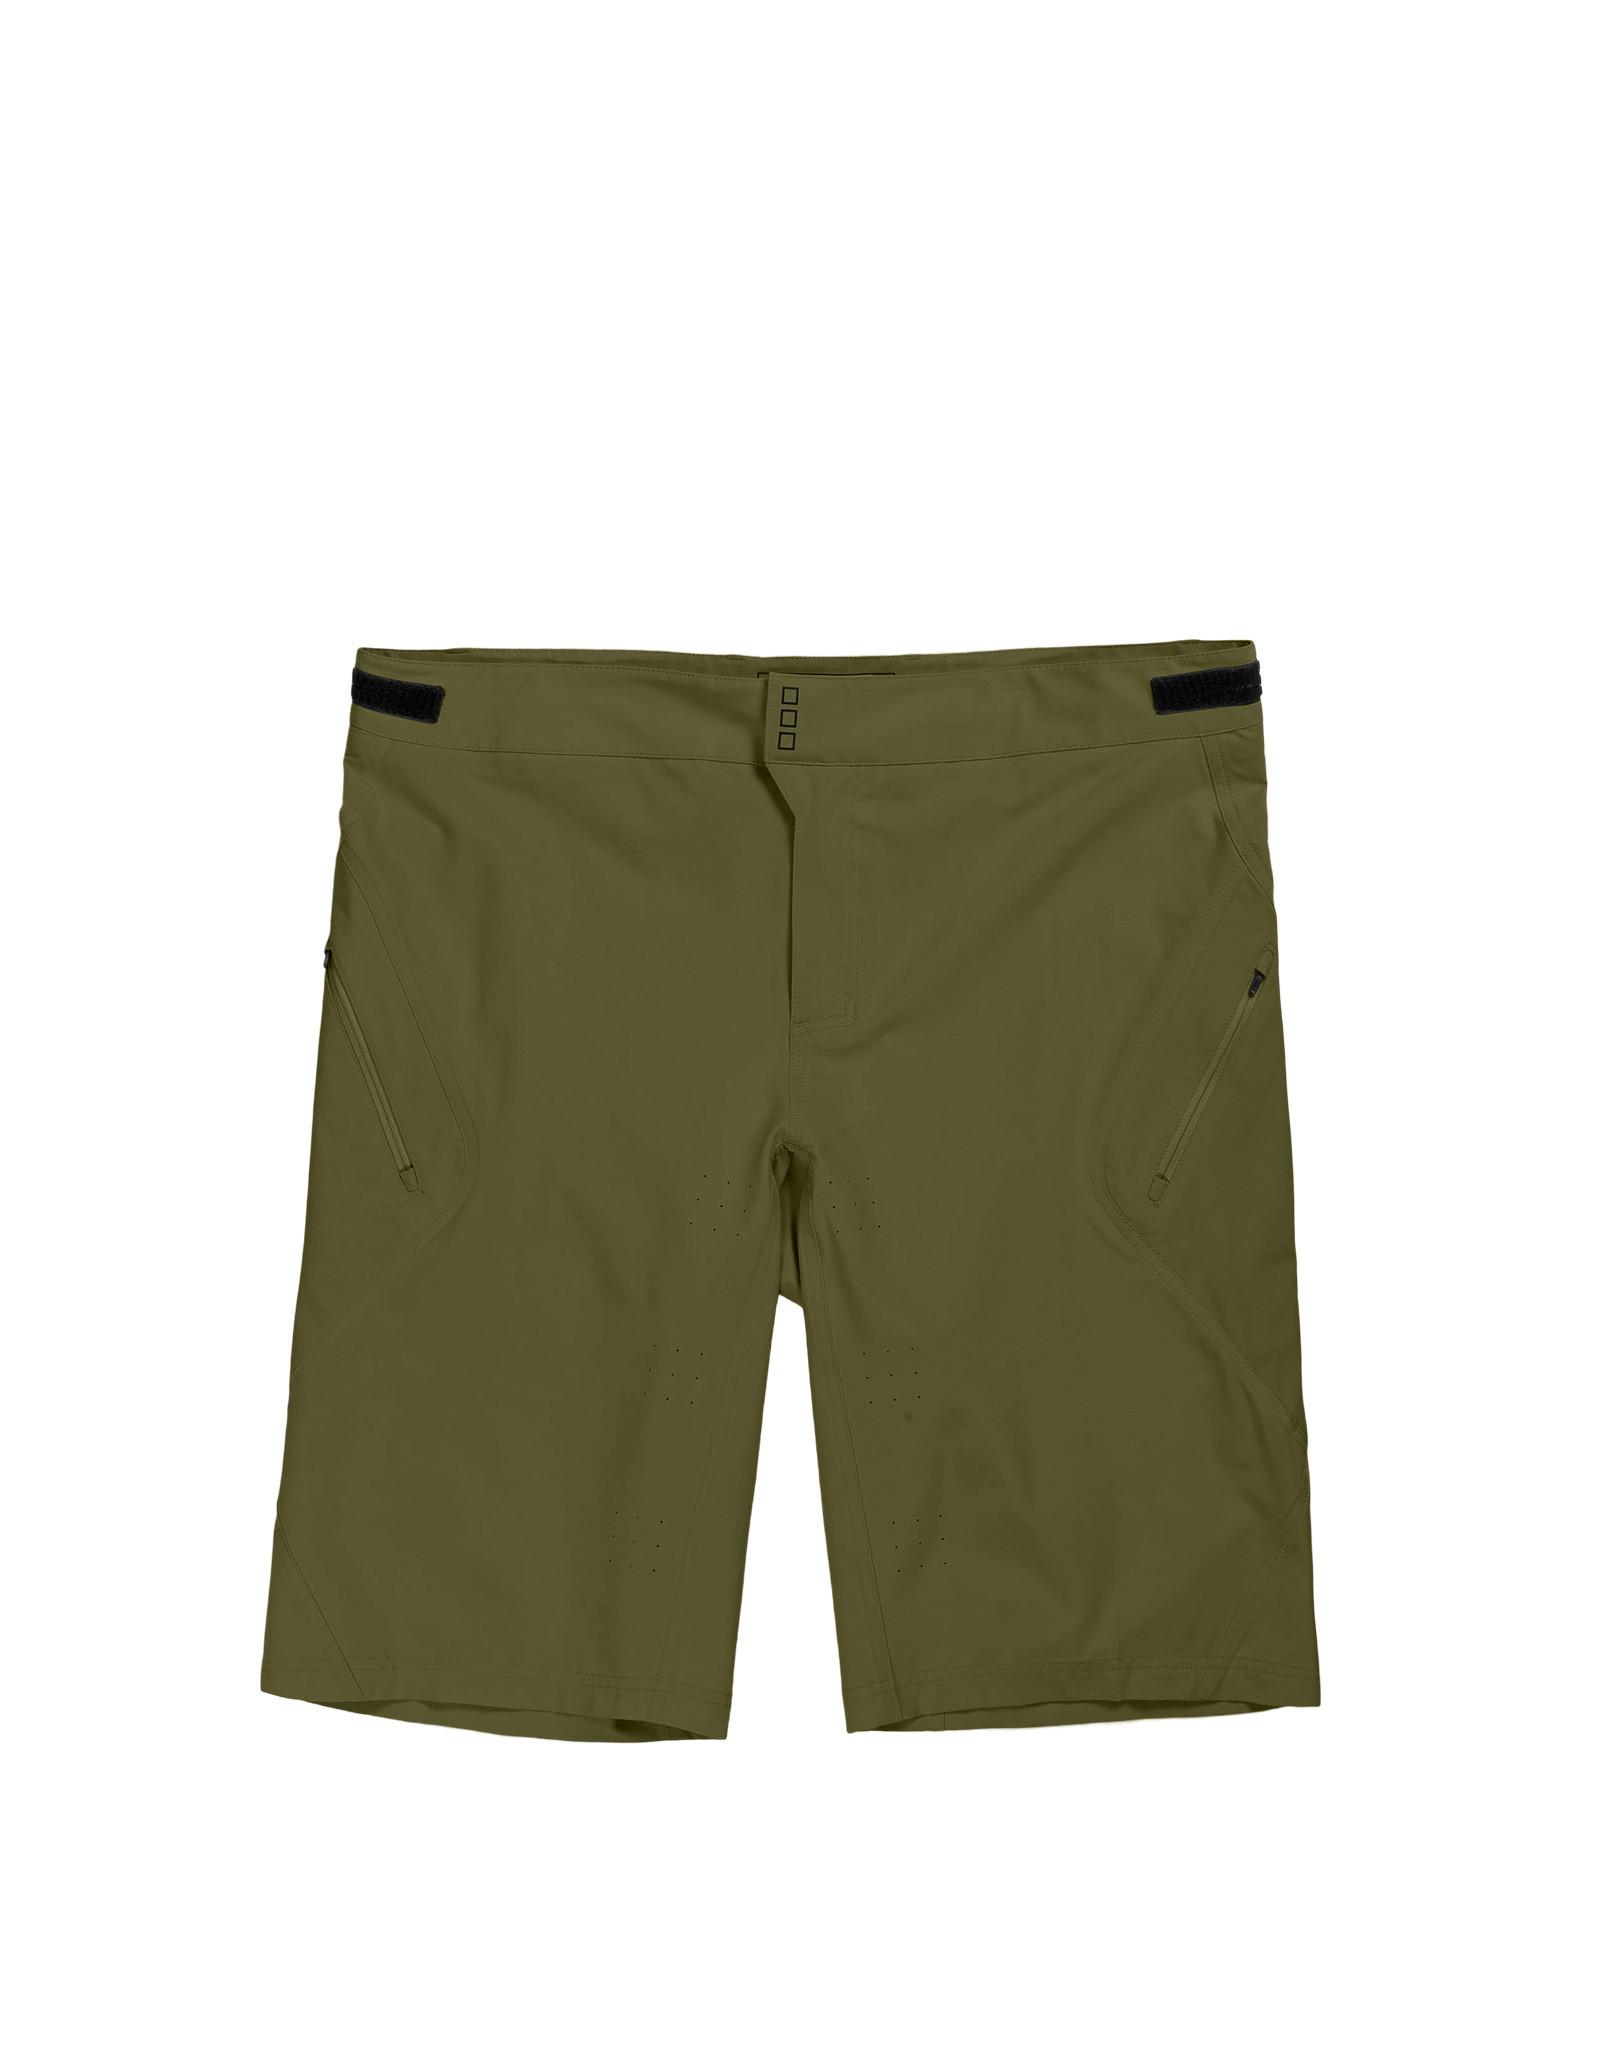 Sombrio Sombrio Highline Shorts